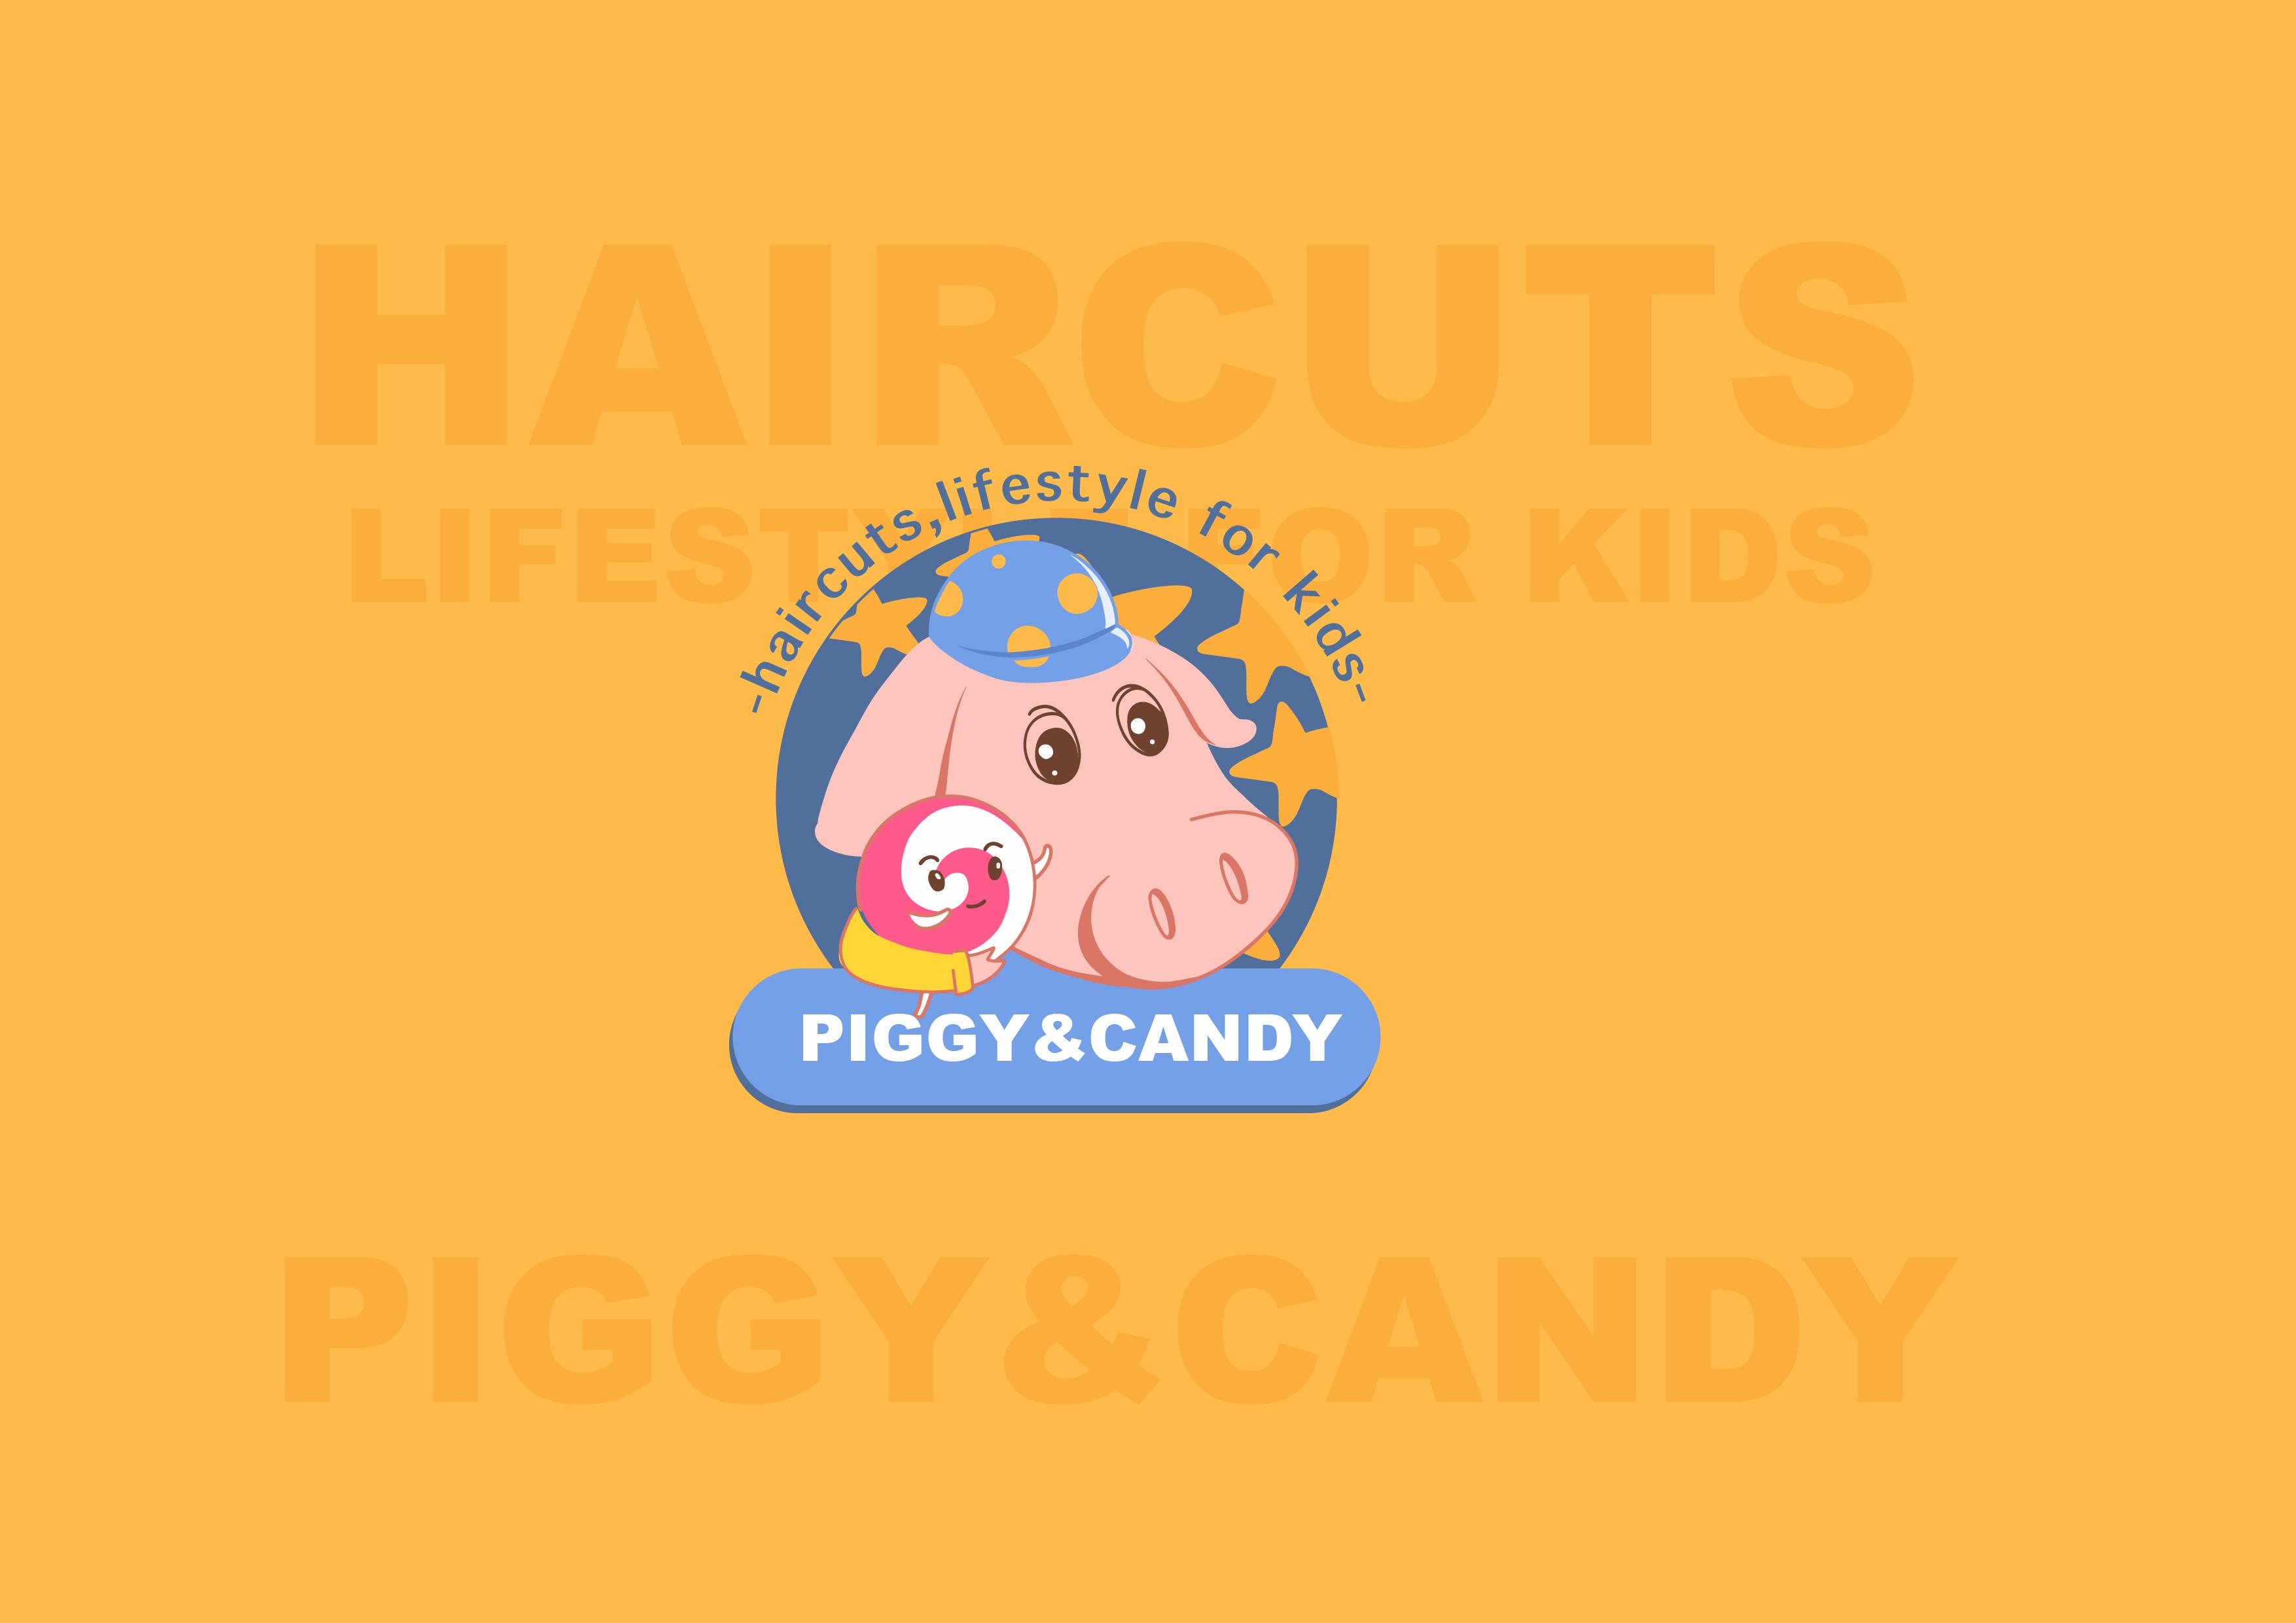 PIGGY&CANDY